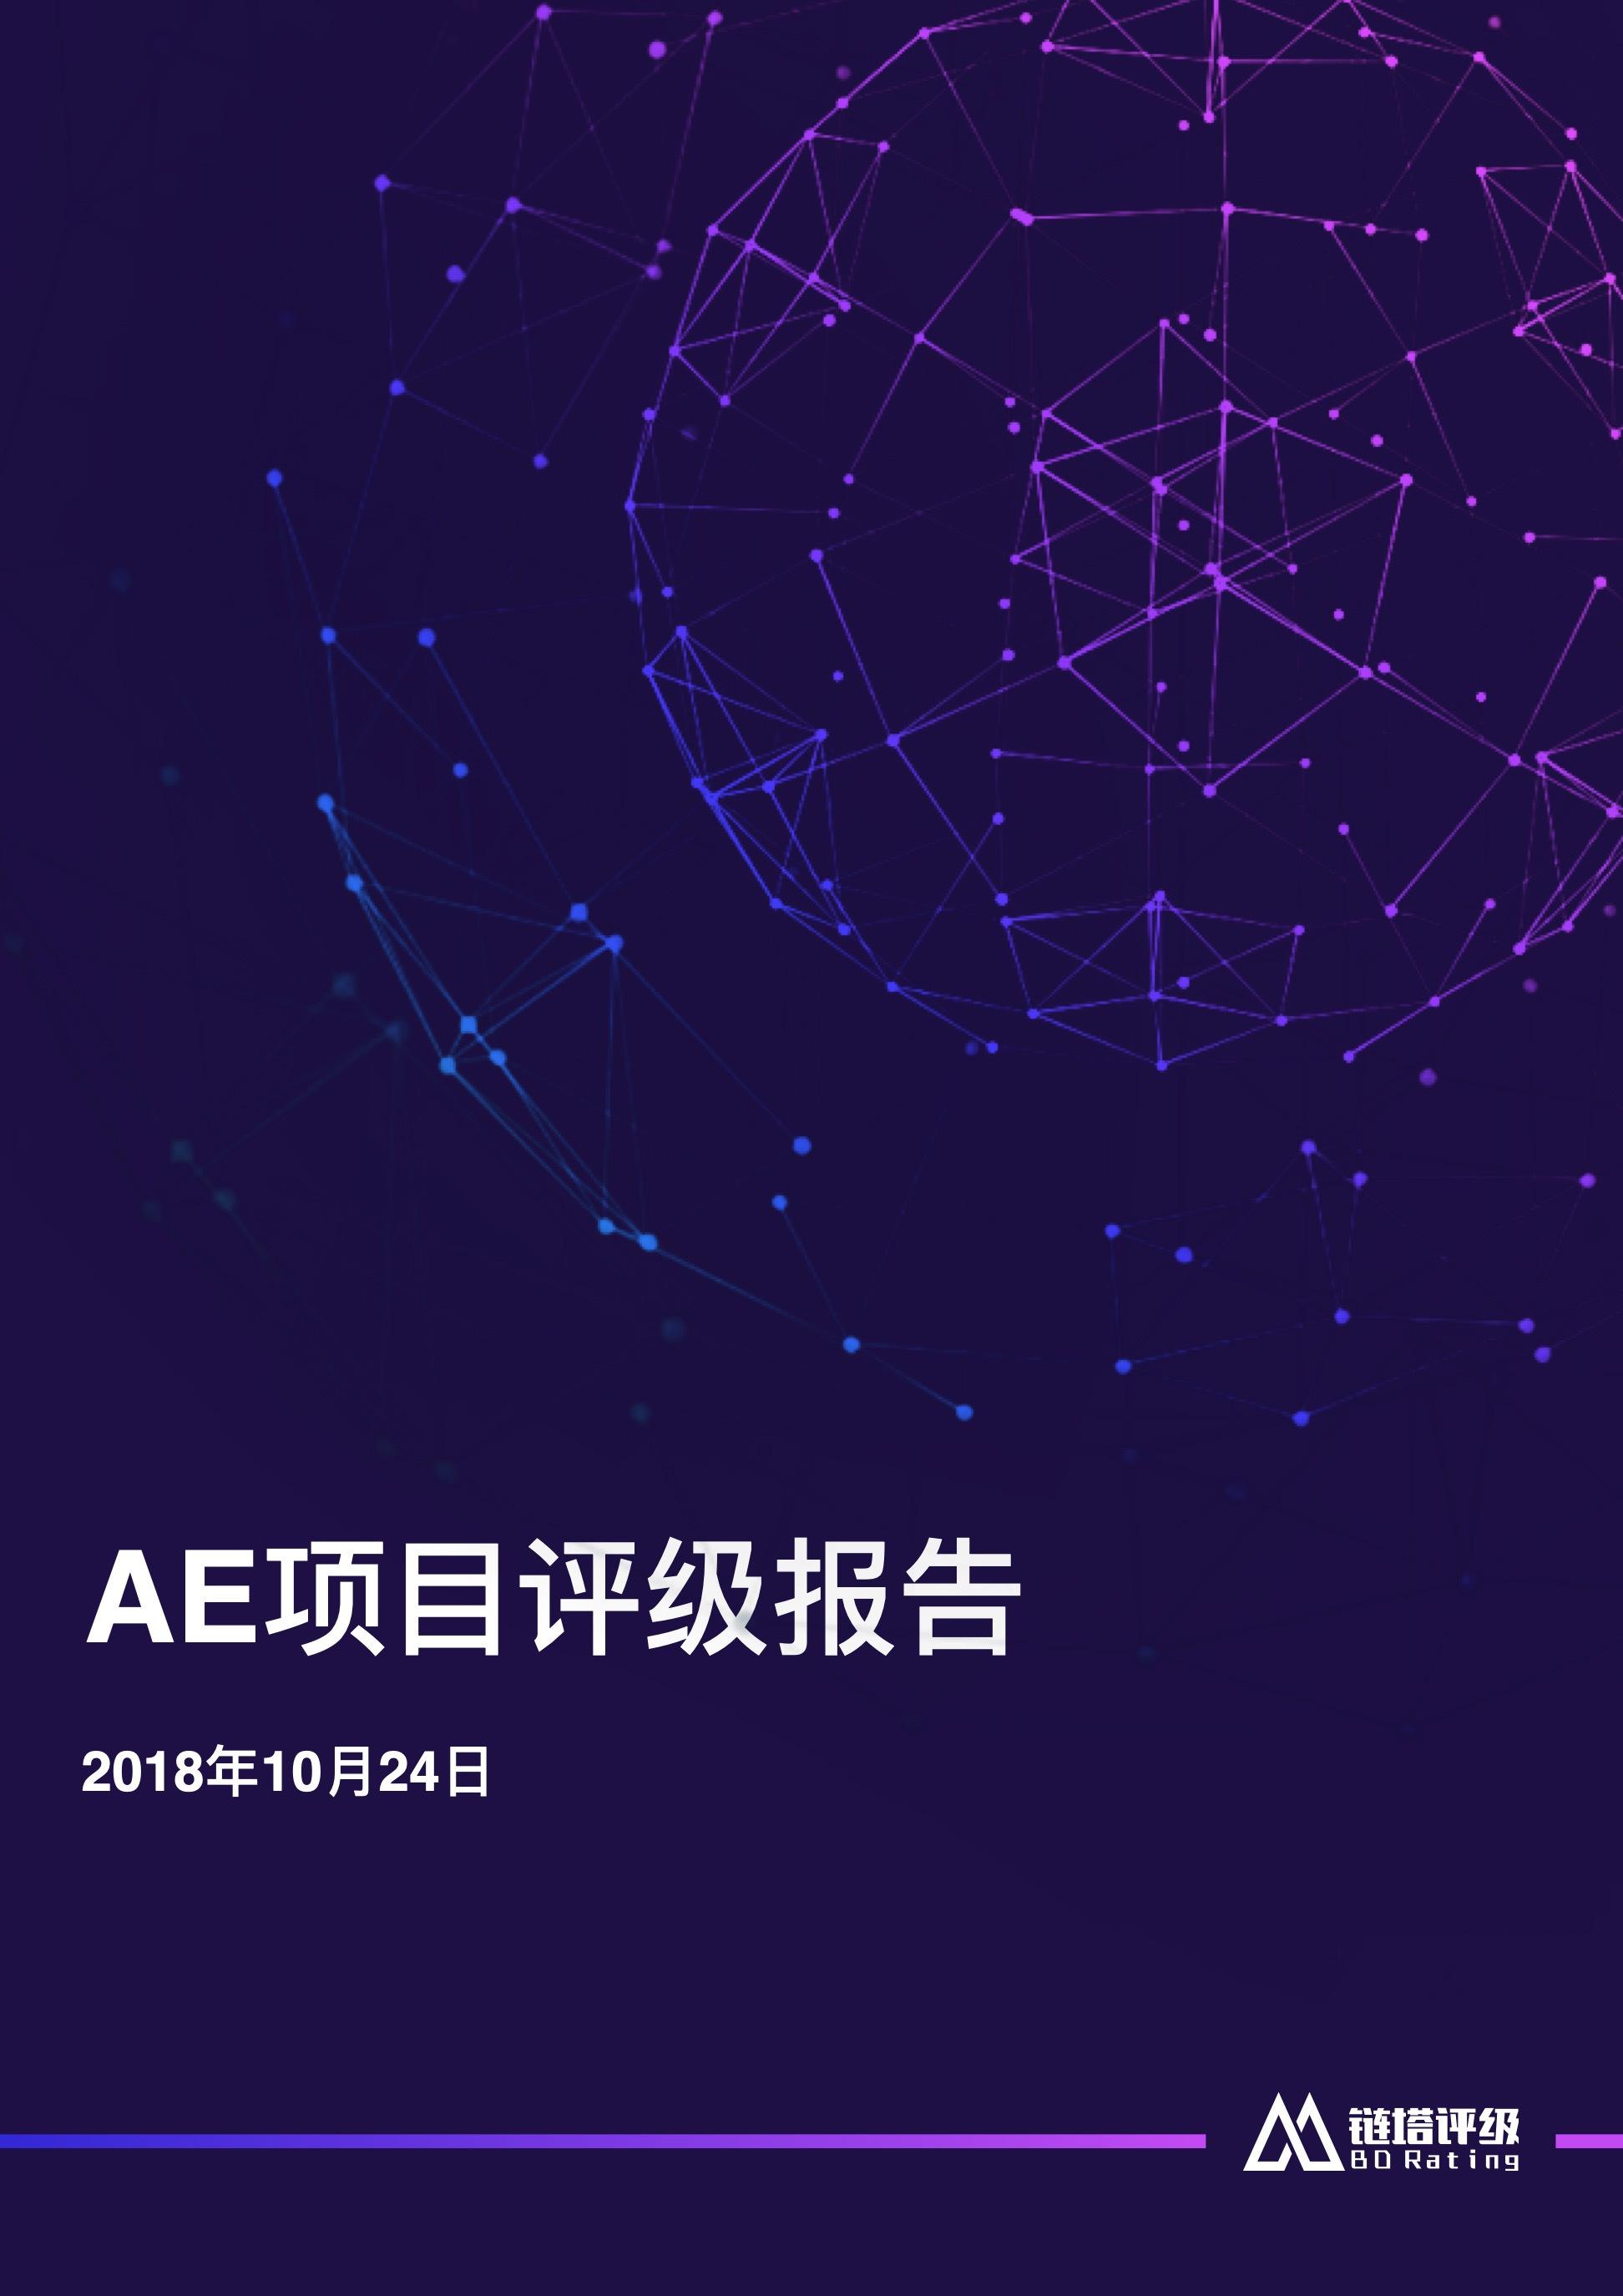 AE项目评级报告:B级 主网多次延期,团队履约能力存疑 | 链塔评级